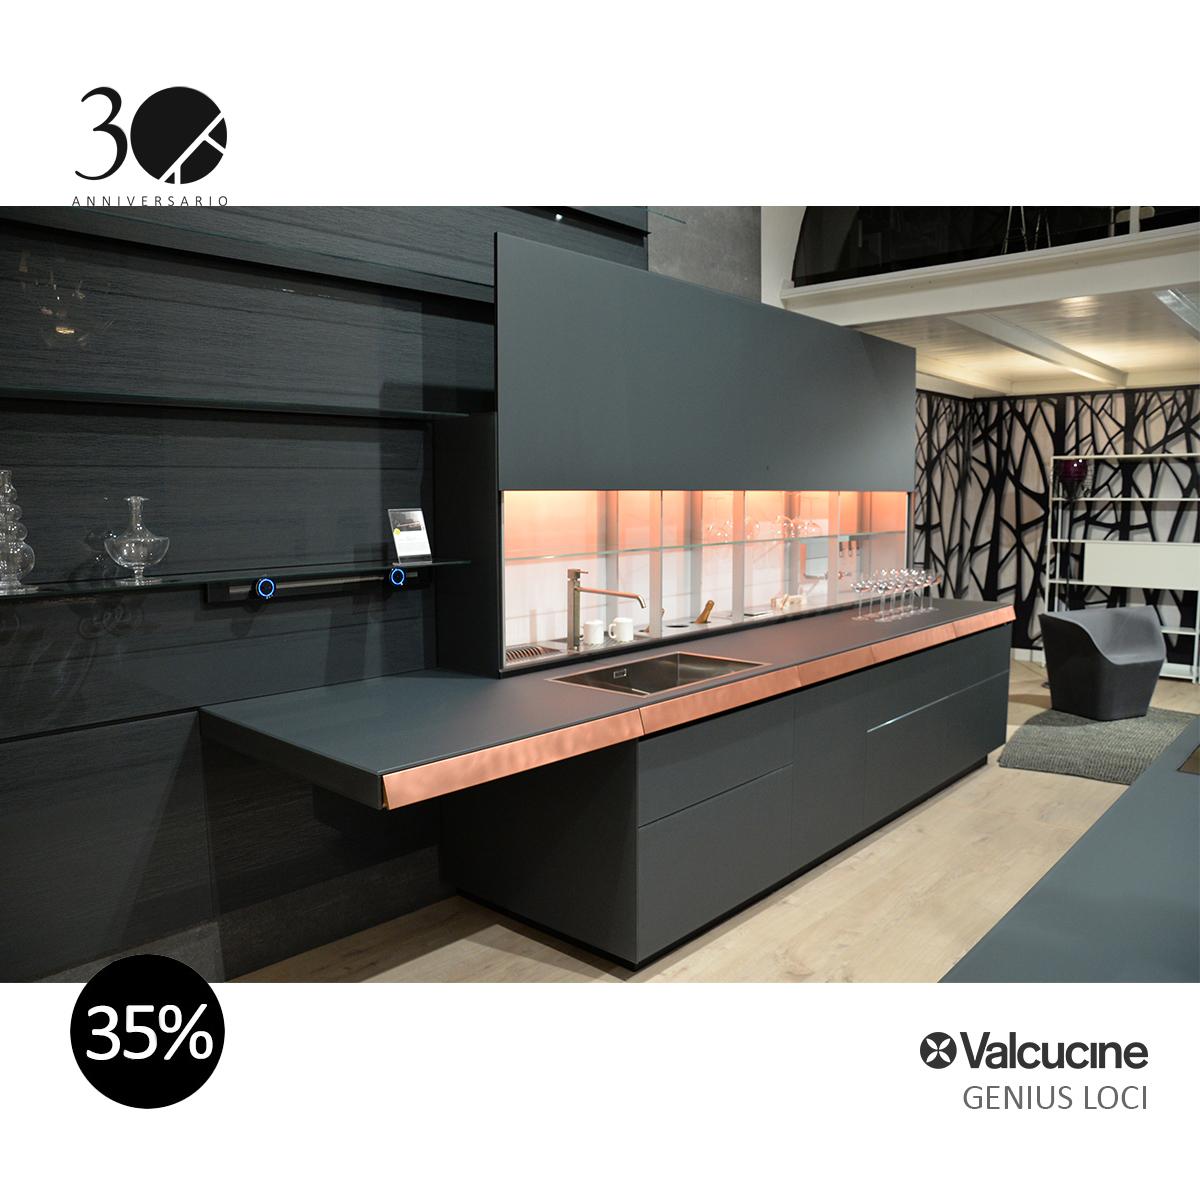 VALCUCINE - GENIUS LOCI